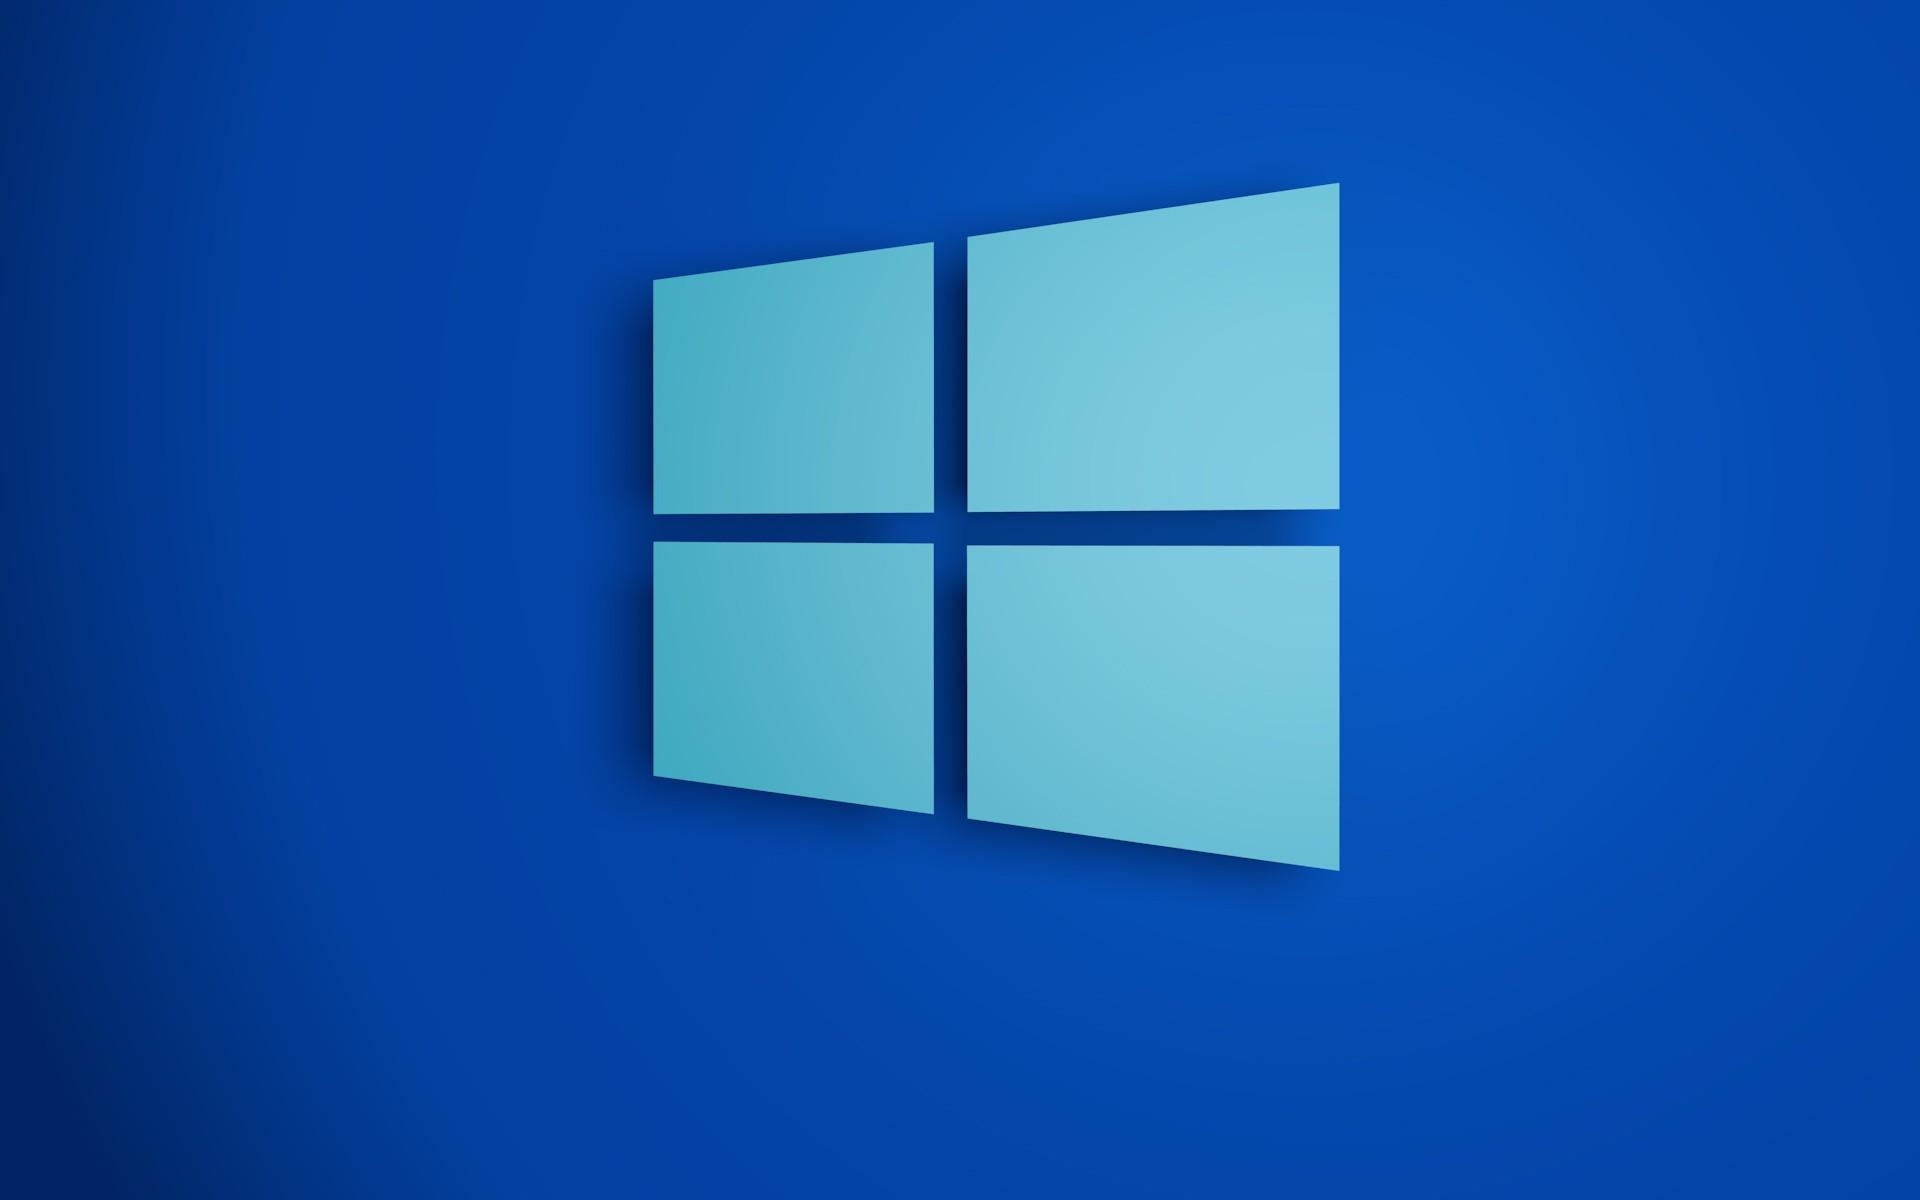 предлагается нарисовать, знак виндовс фото голубая бледно